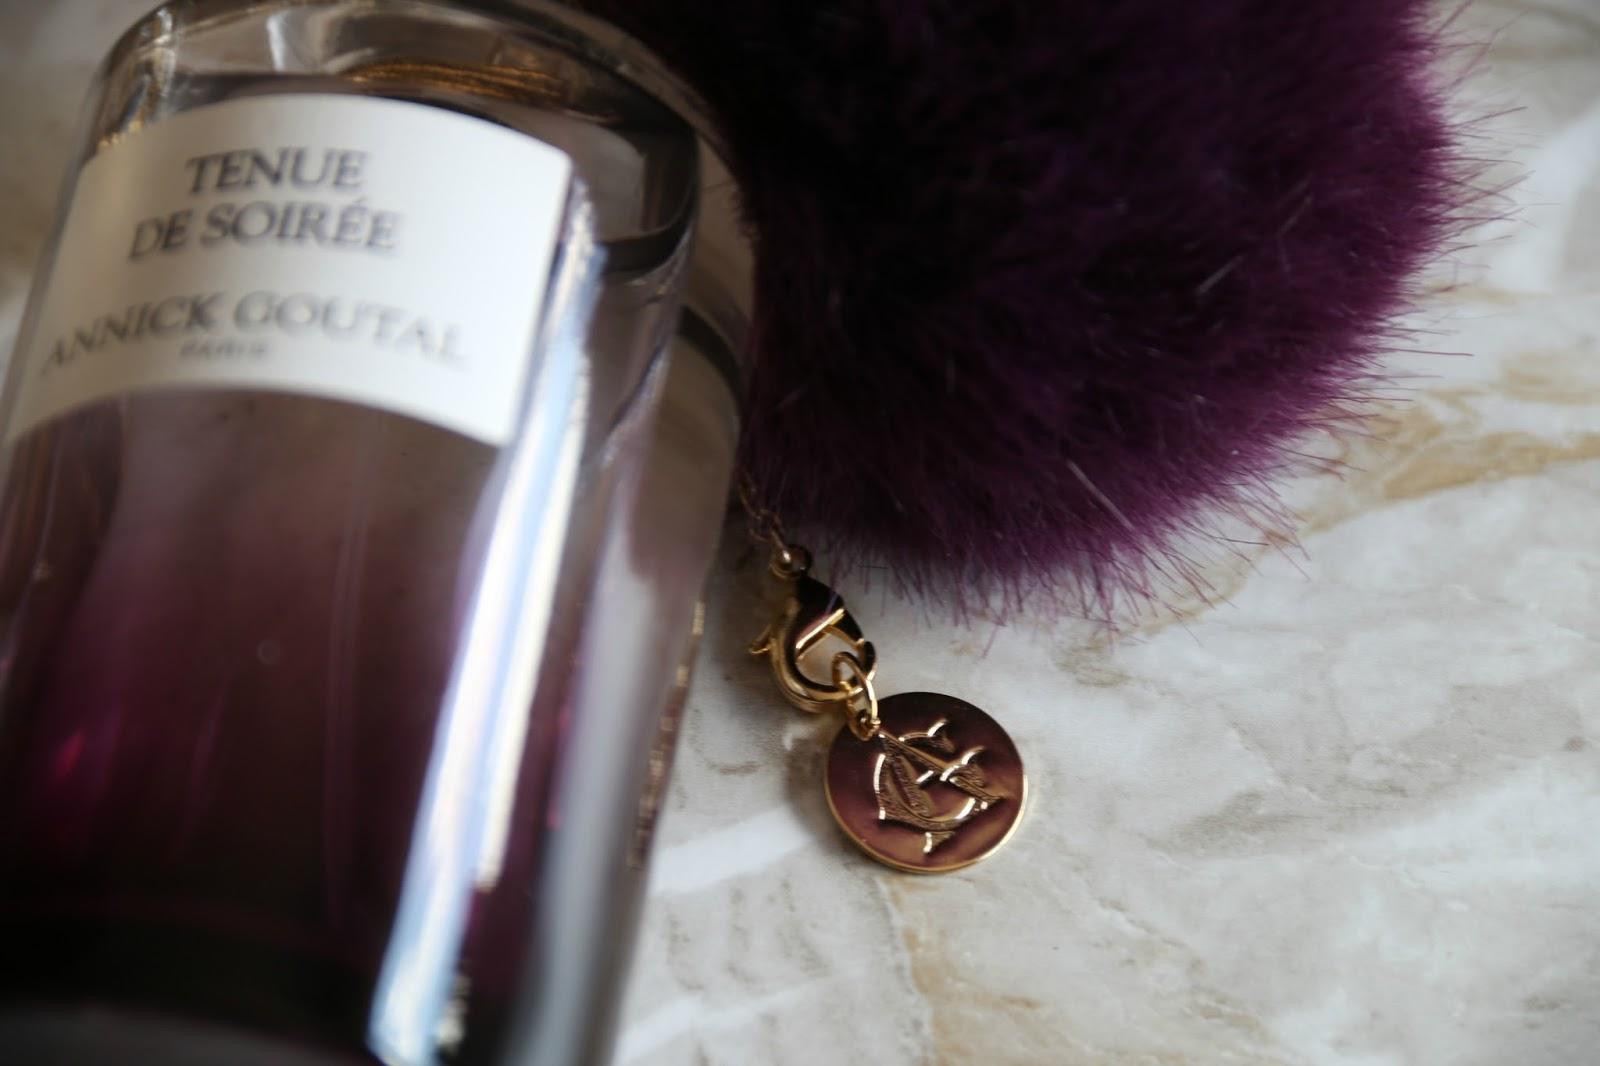 Annick Goutal Tenue de Soirée Fragrance Review